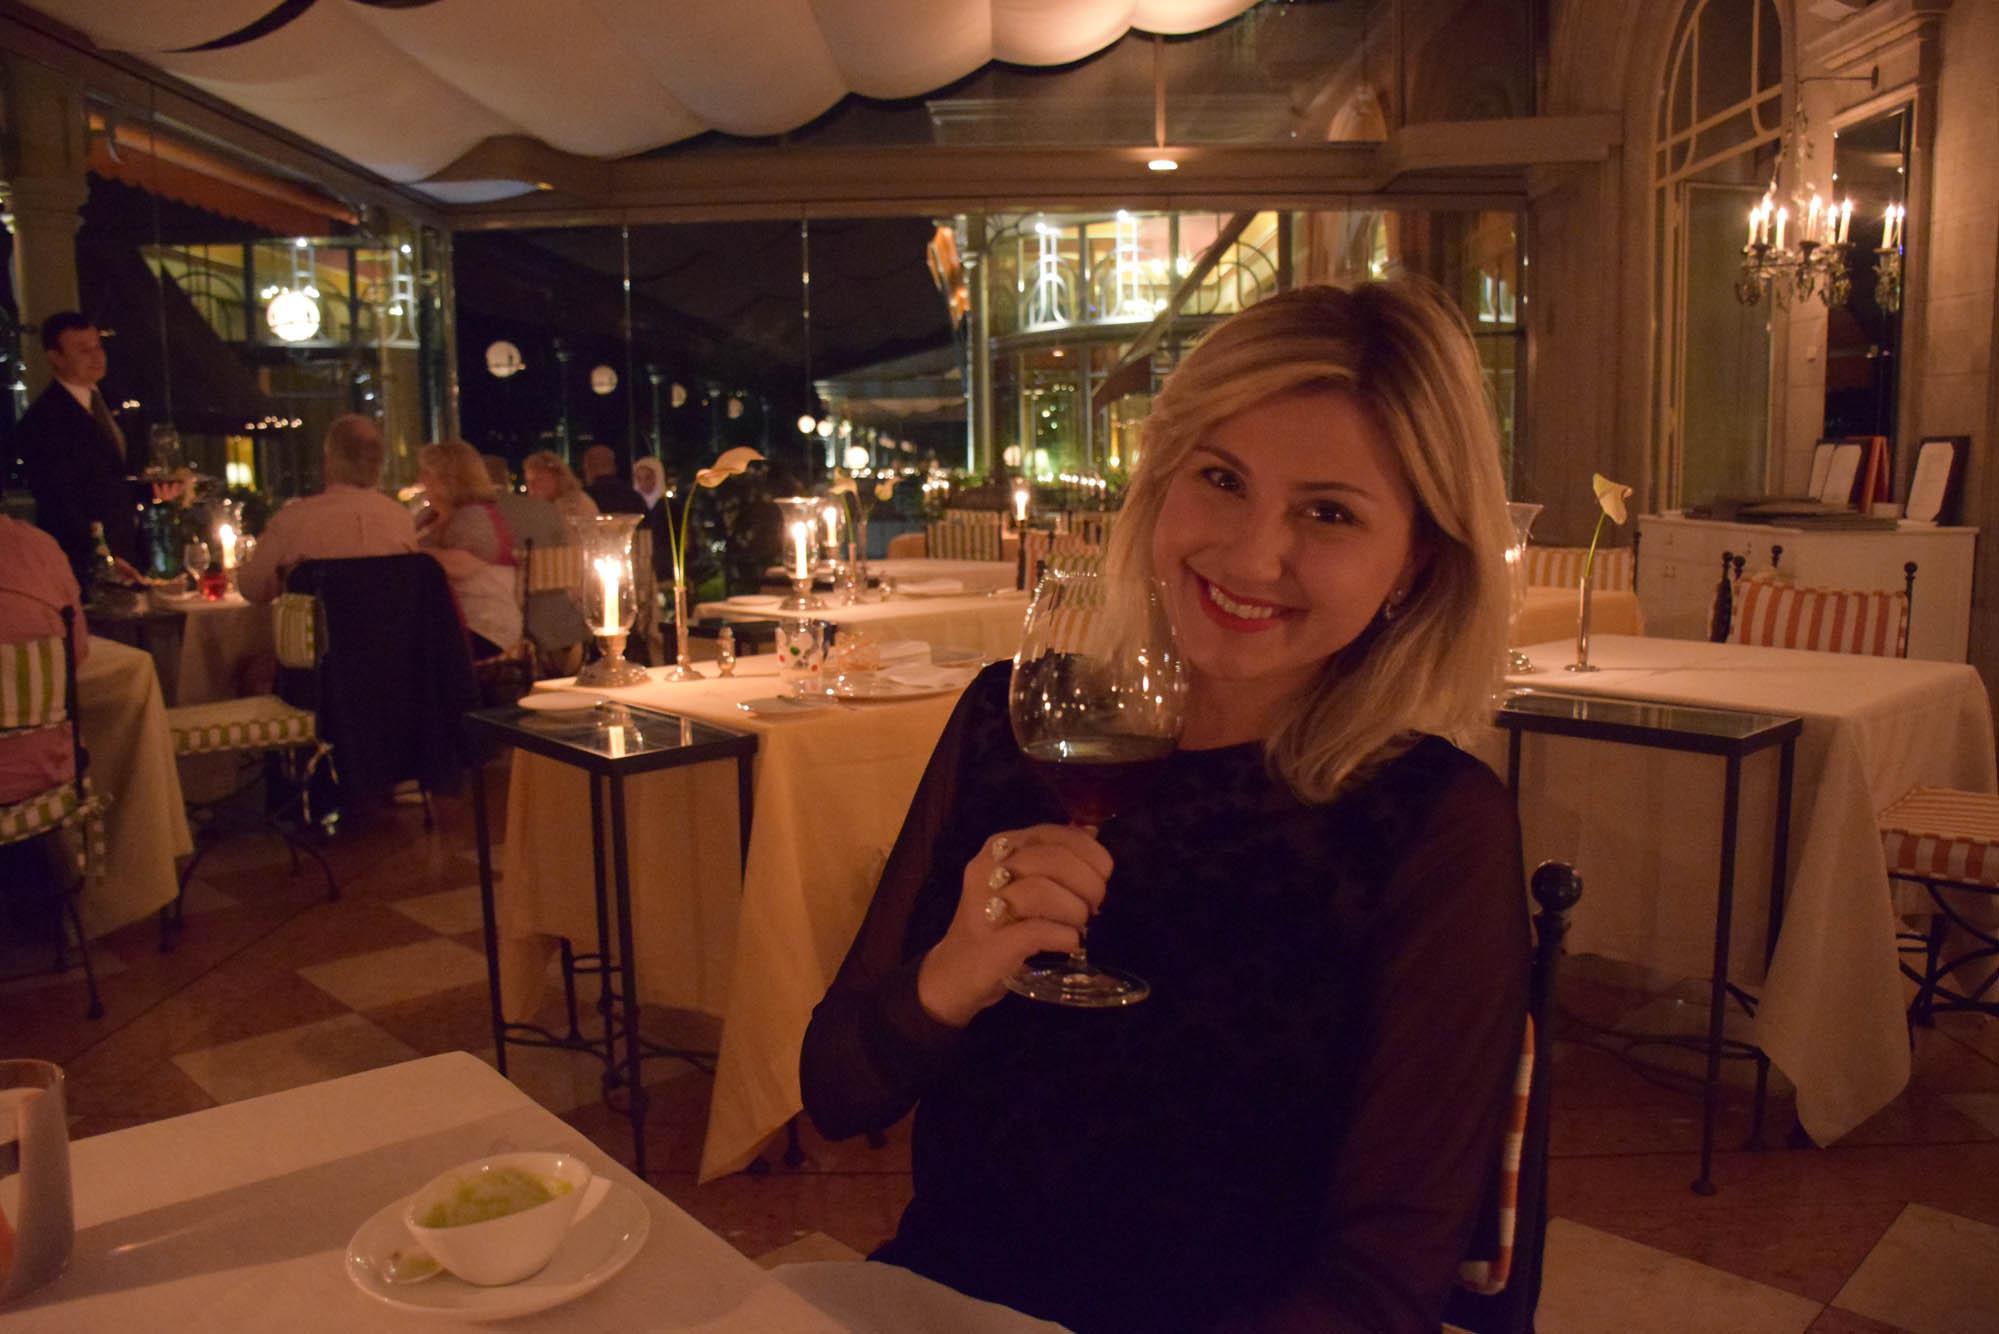 grand-hotel-tremezzo-lago-di-como-lake-italia-dicas-restaurante-la-terraza-01